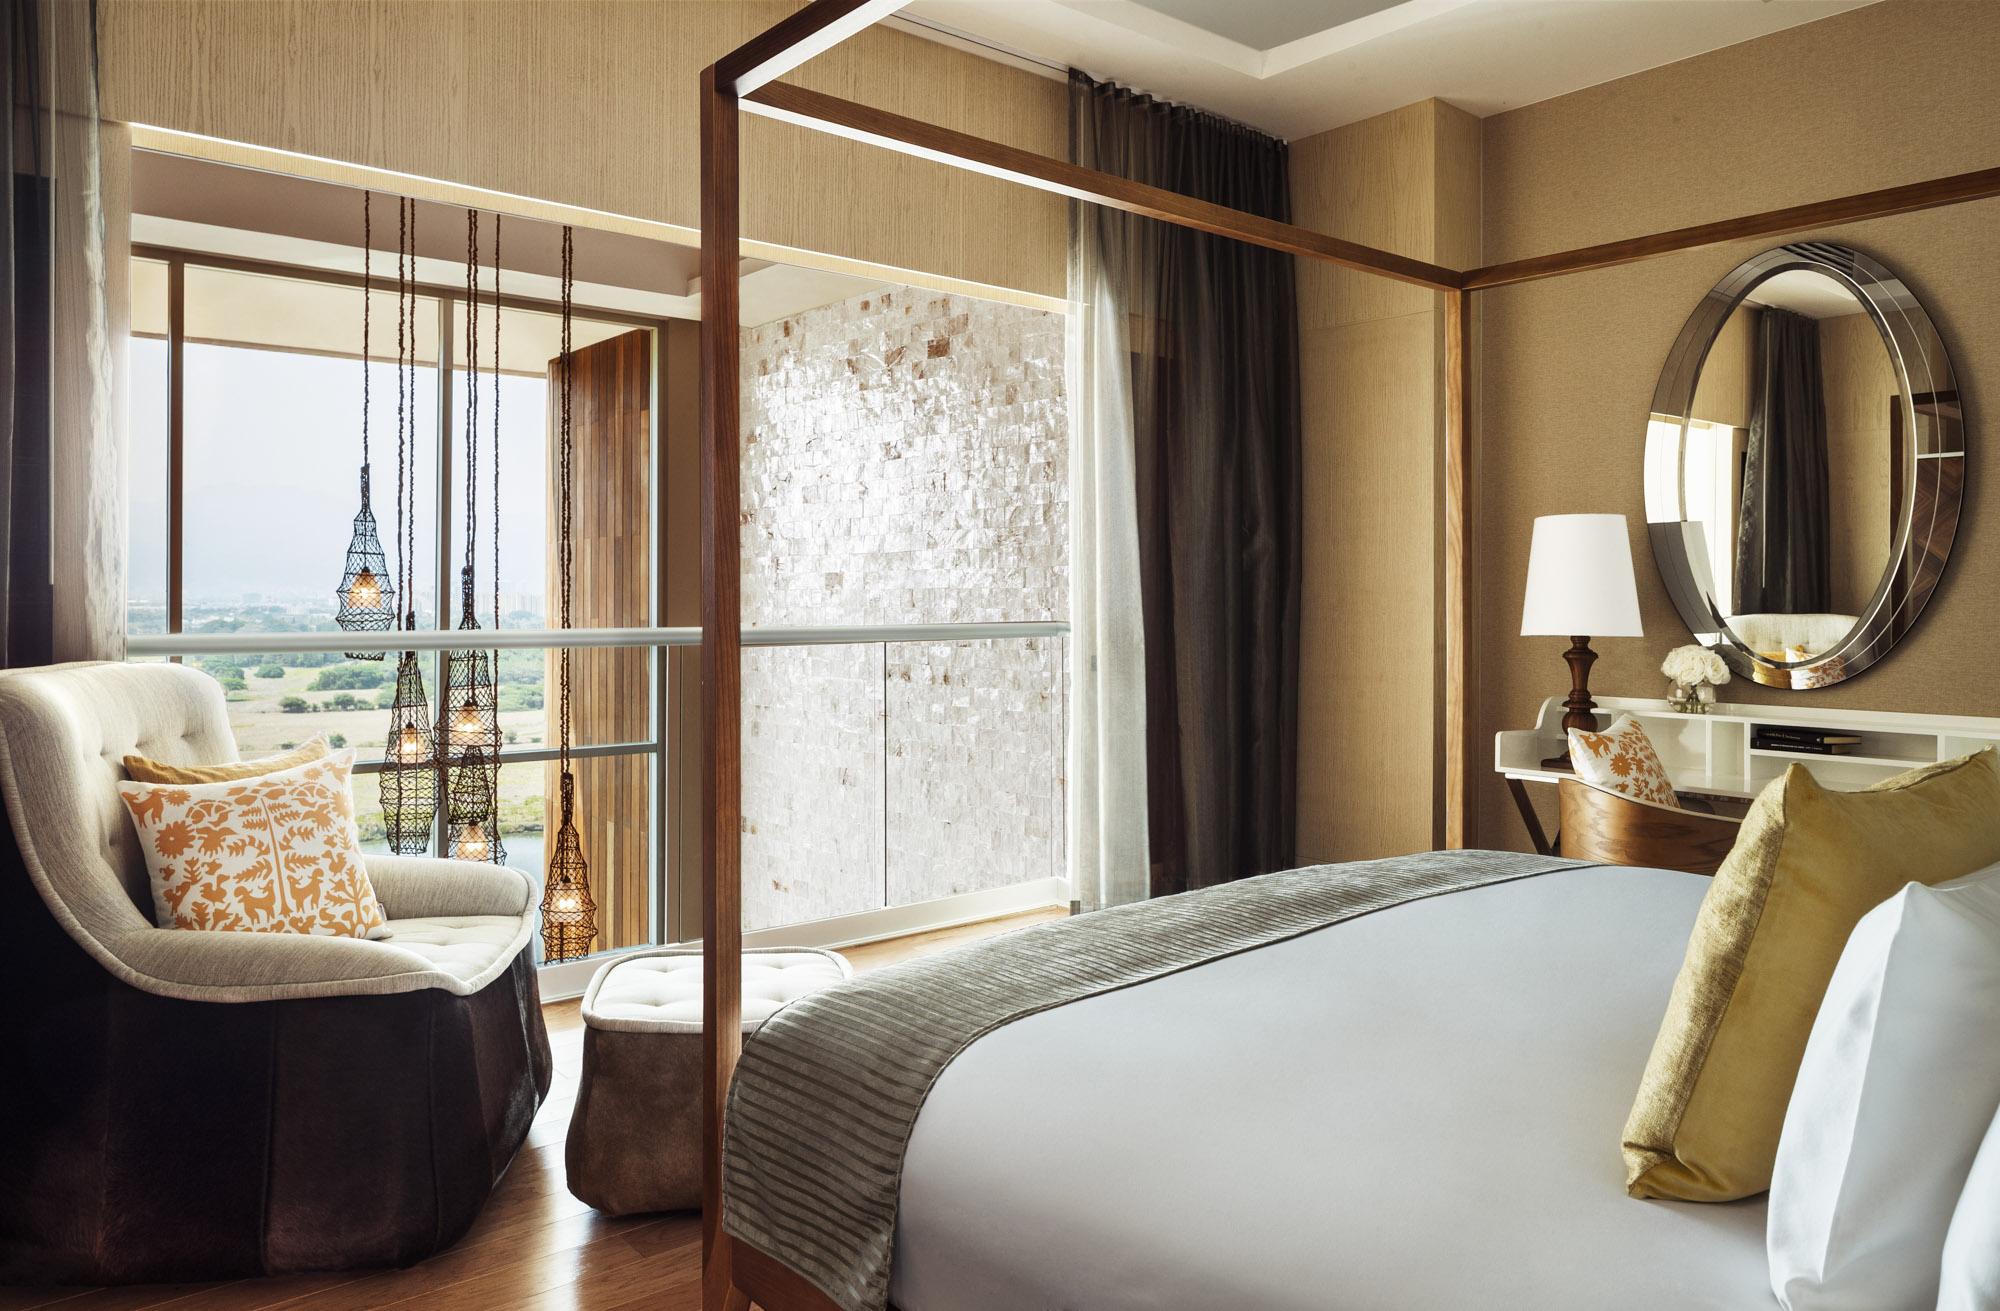 NV_GL_1BedMez_Master_Bedroom_0092_FINAL_Medium.jpg